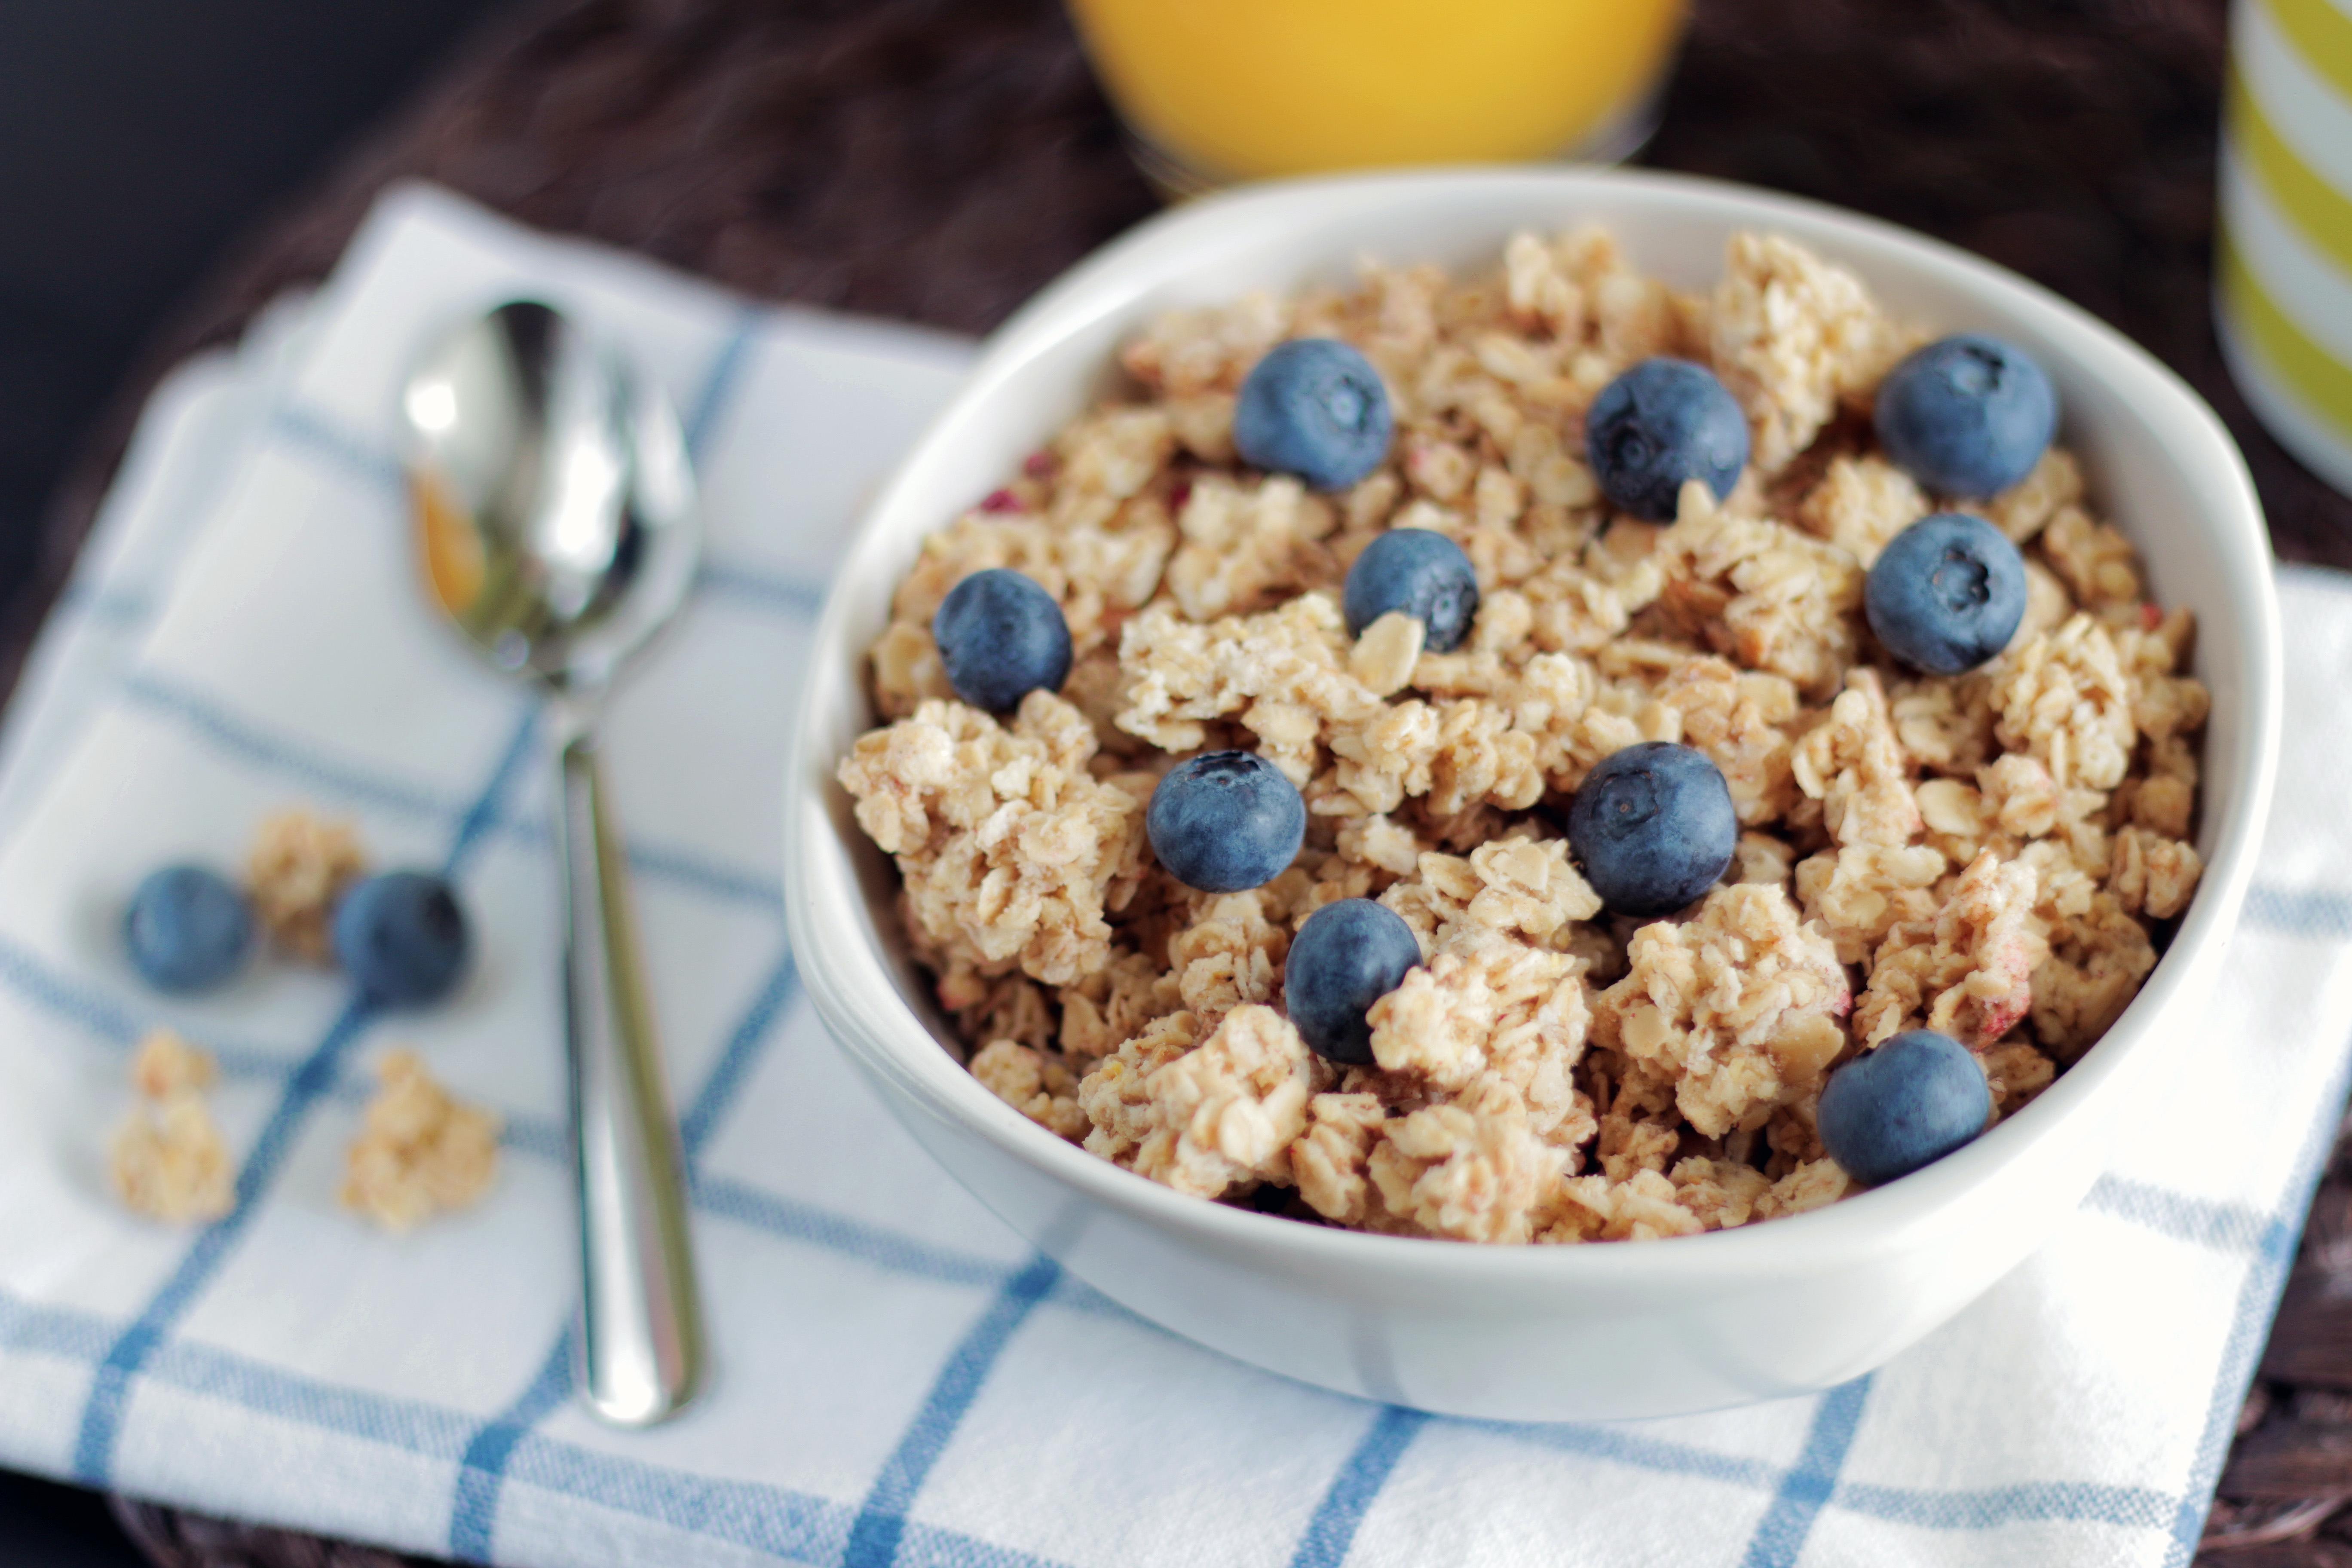 Když nám na přípravu kvalitní snídaně nezbývá čas...